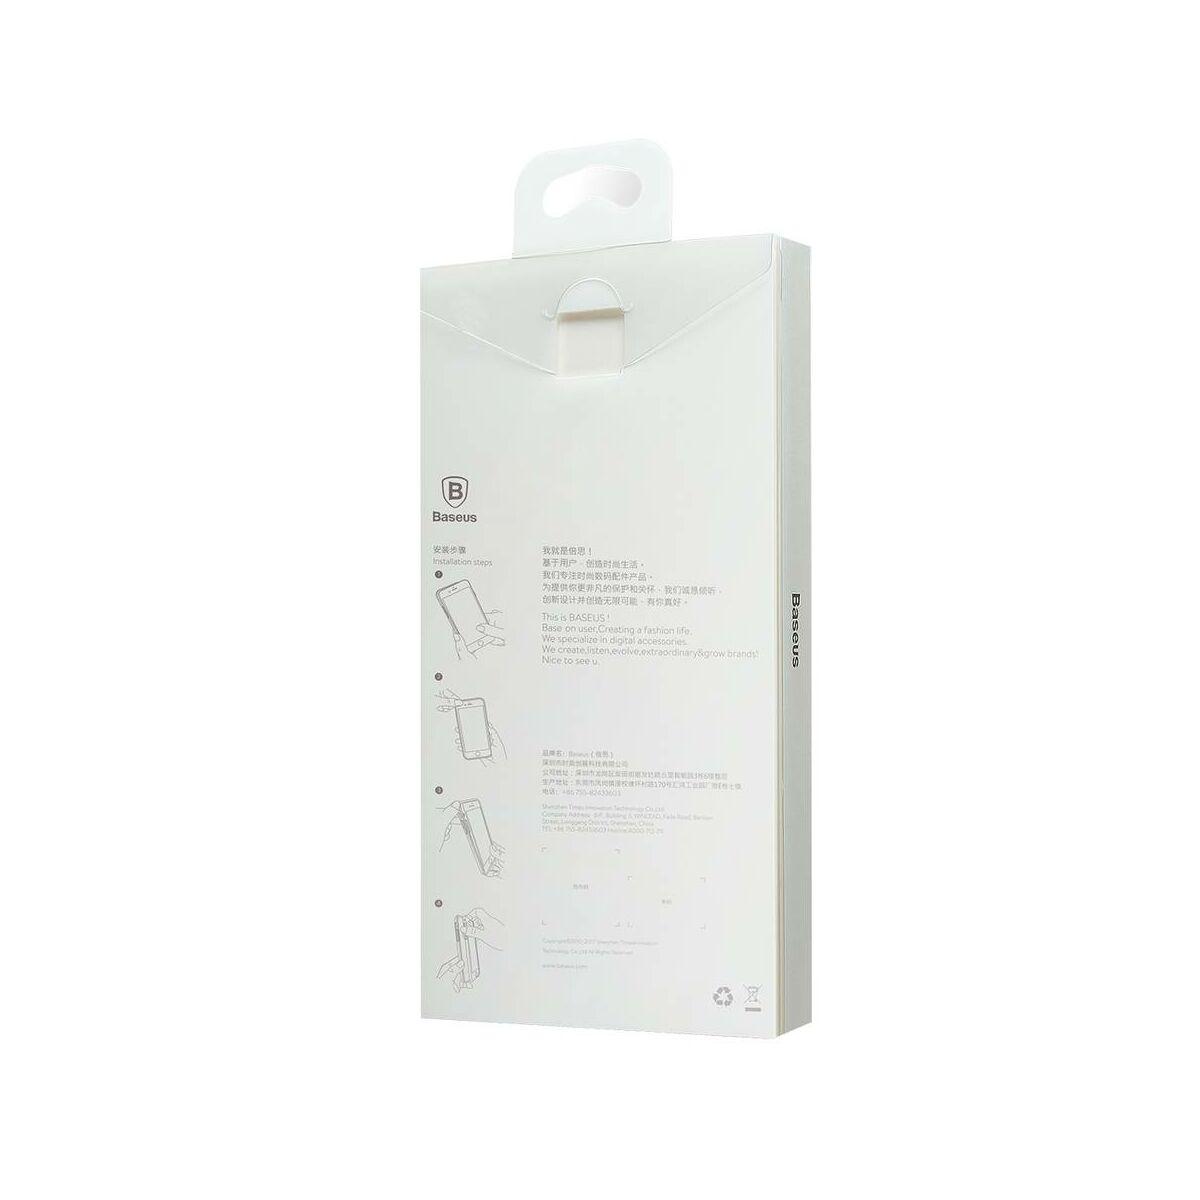 Baseus iPhone X/XS tok, Aurora, átlátszó, fekete (WIAPIPHX-JG01)